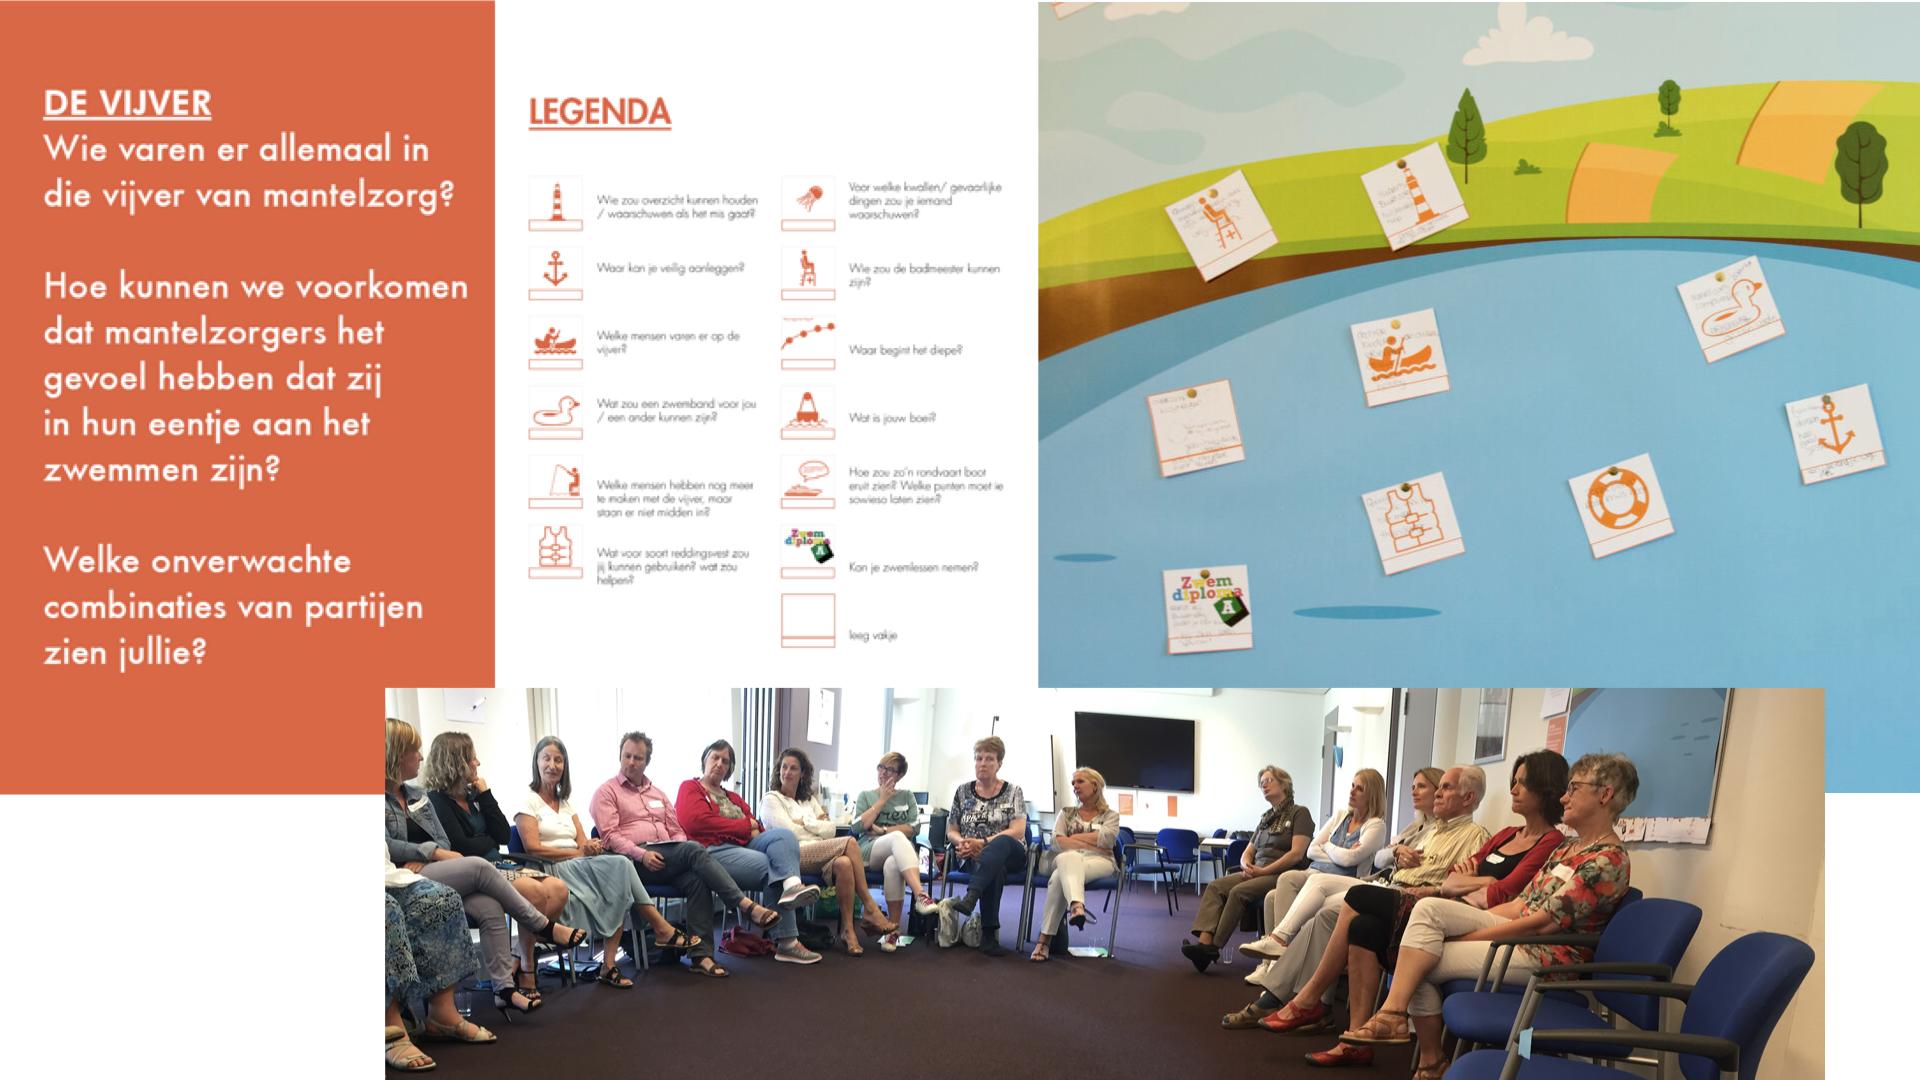 Design Thinking voor complexe vraagstukken | Ontwerpend onderzoek Design Thinking voor complexe vraagstukken | Ontwerpend onderzoek